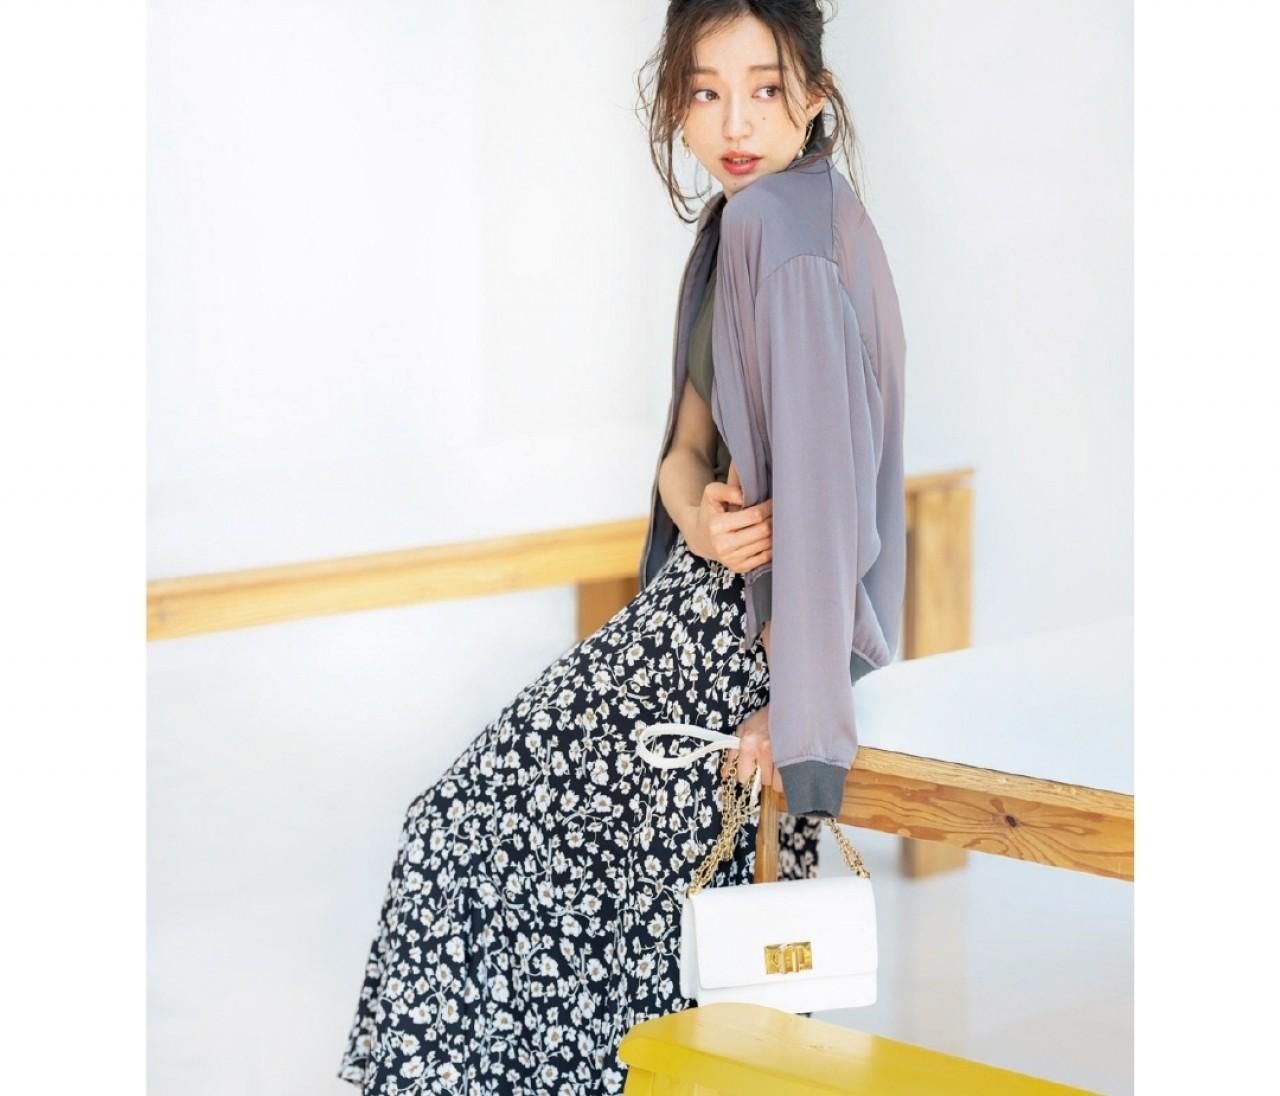 【今日のコーデ】火曜日は、透けブルゾン×花柄スカートのセンシュアルなコーデ